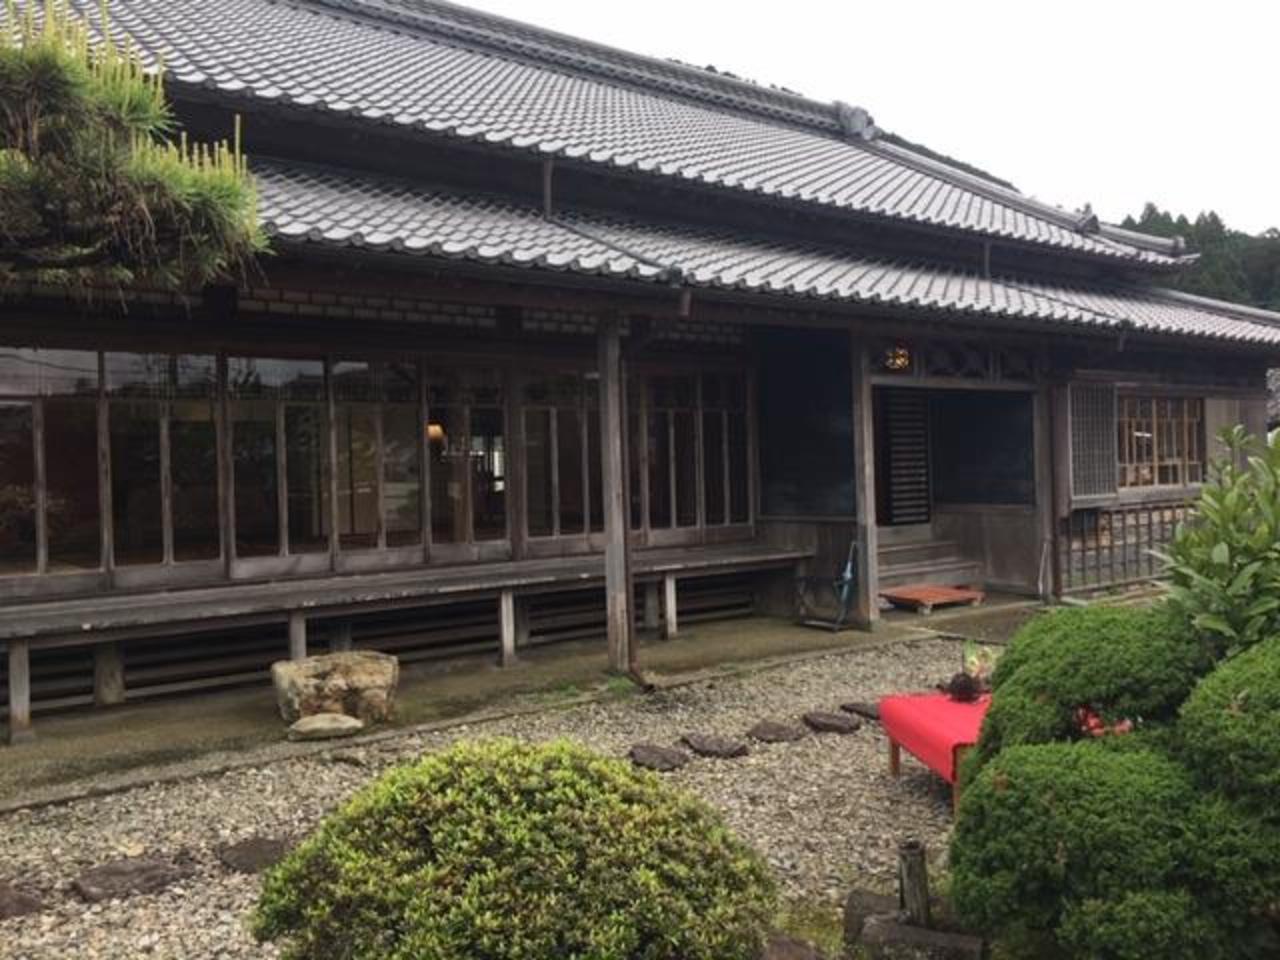 明治34築の旧都築邸をカフェに...高知県高岡郡四万十町茂串町の『古民家カフェ 半平』